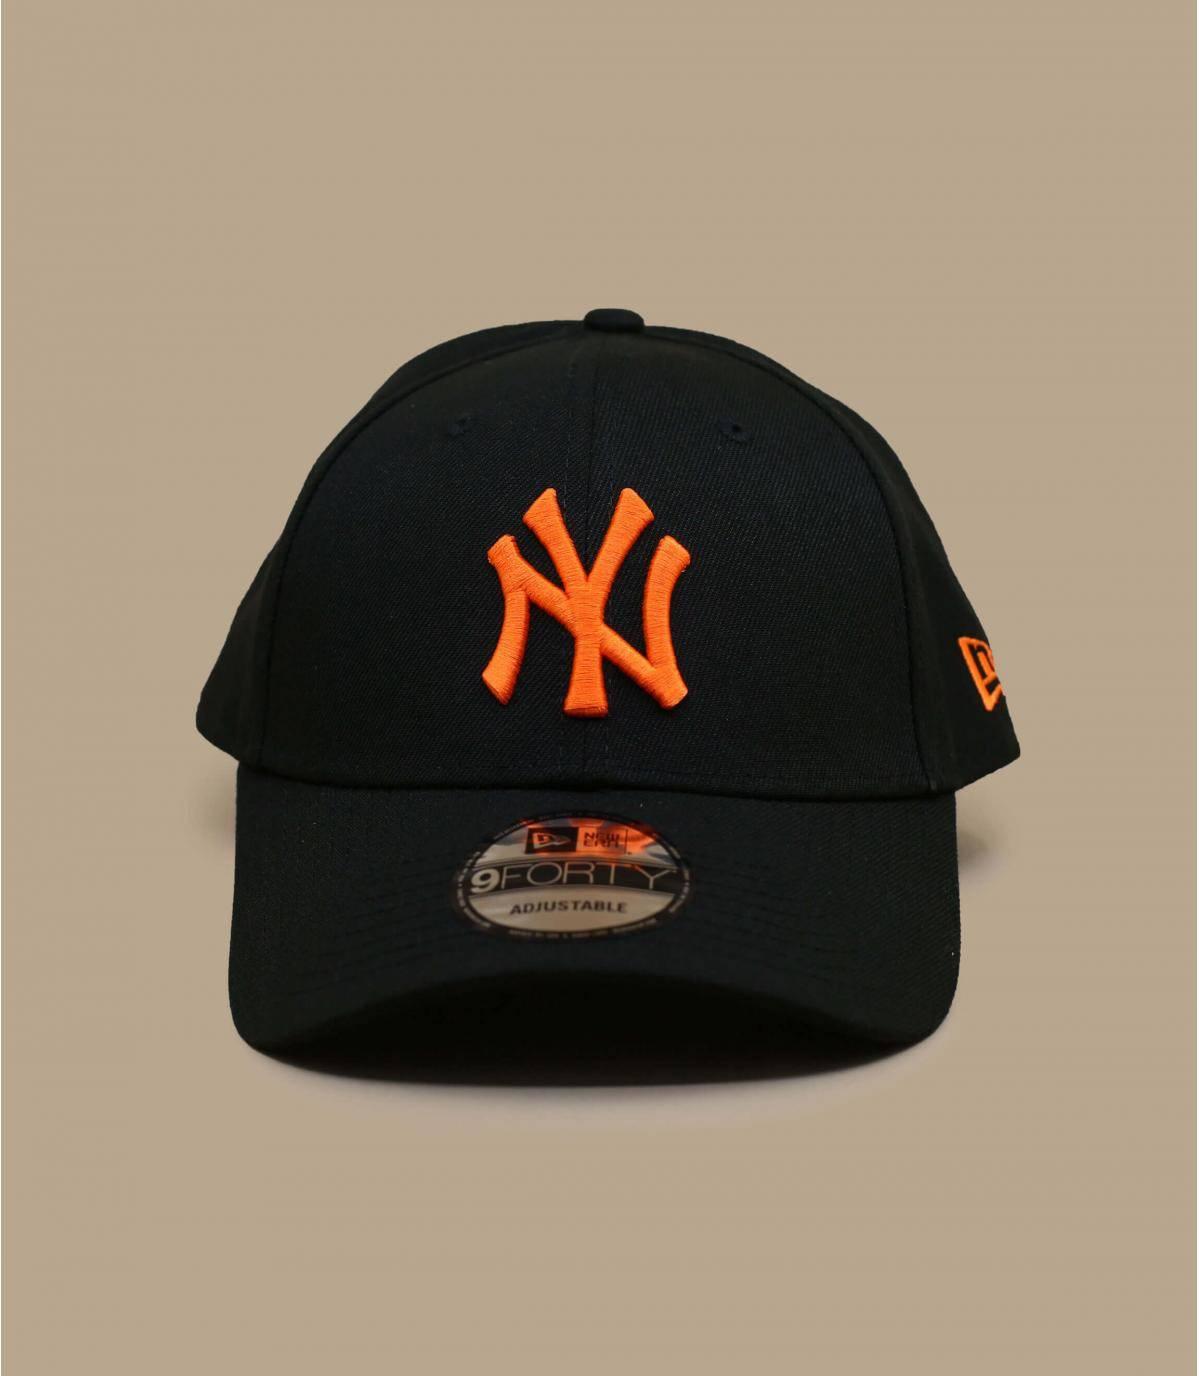 Details Pop Logo 940 NY black orange - afbeeling 2